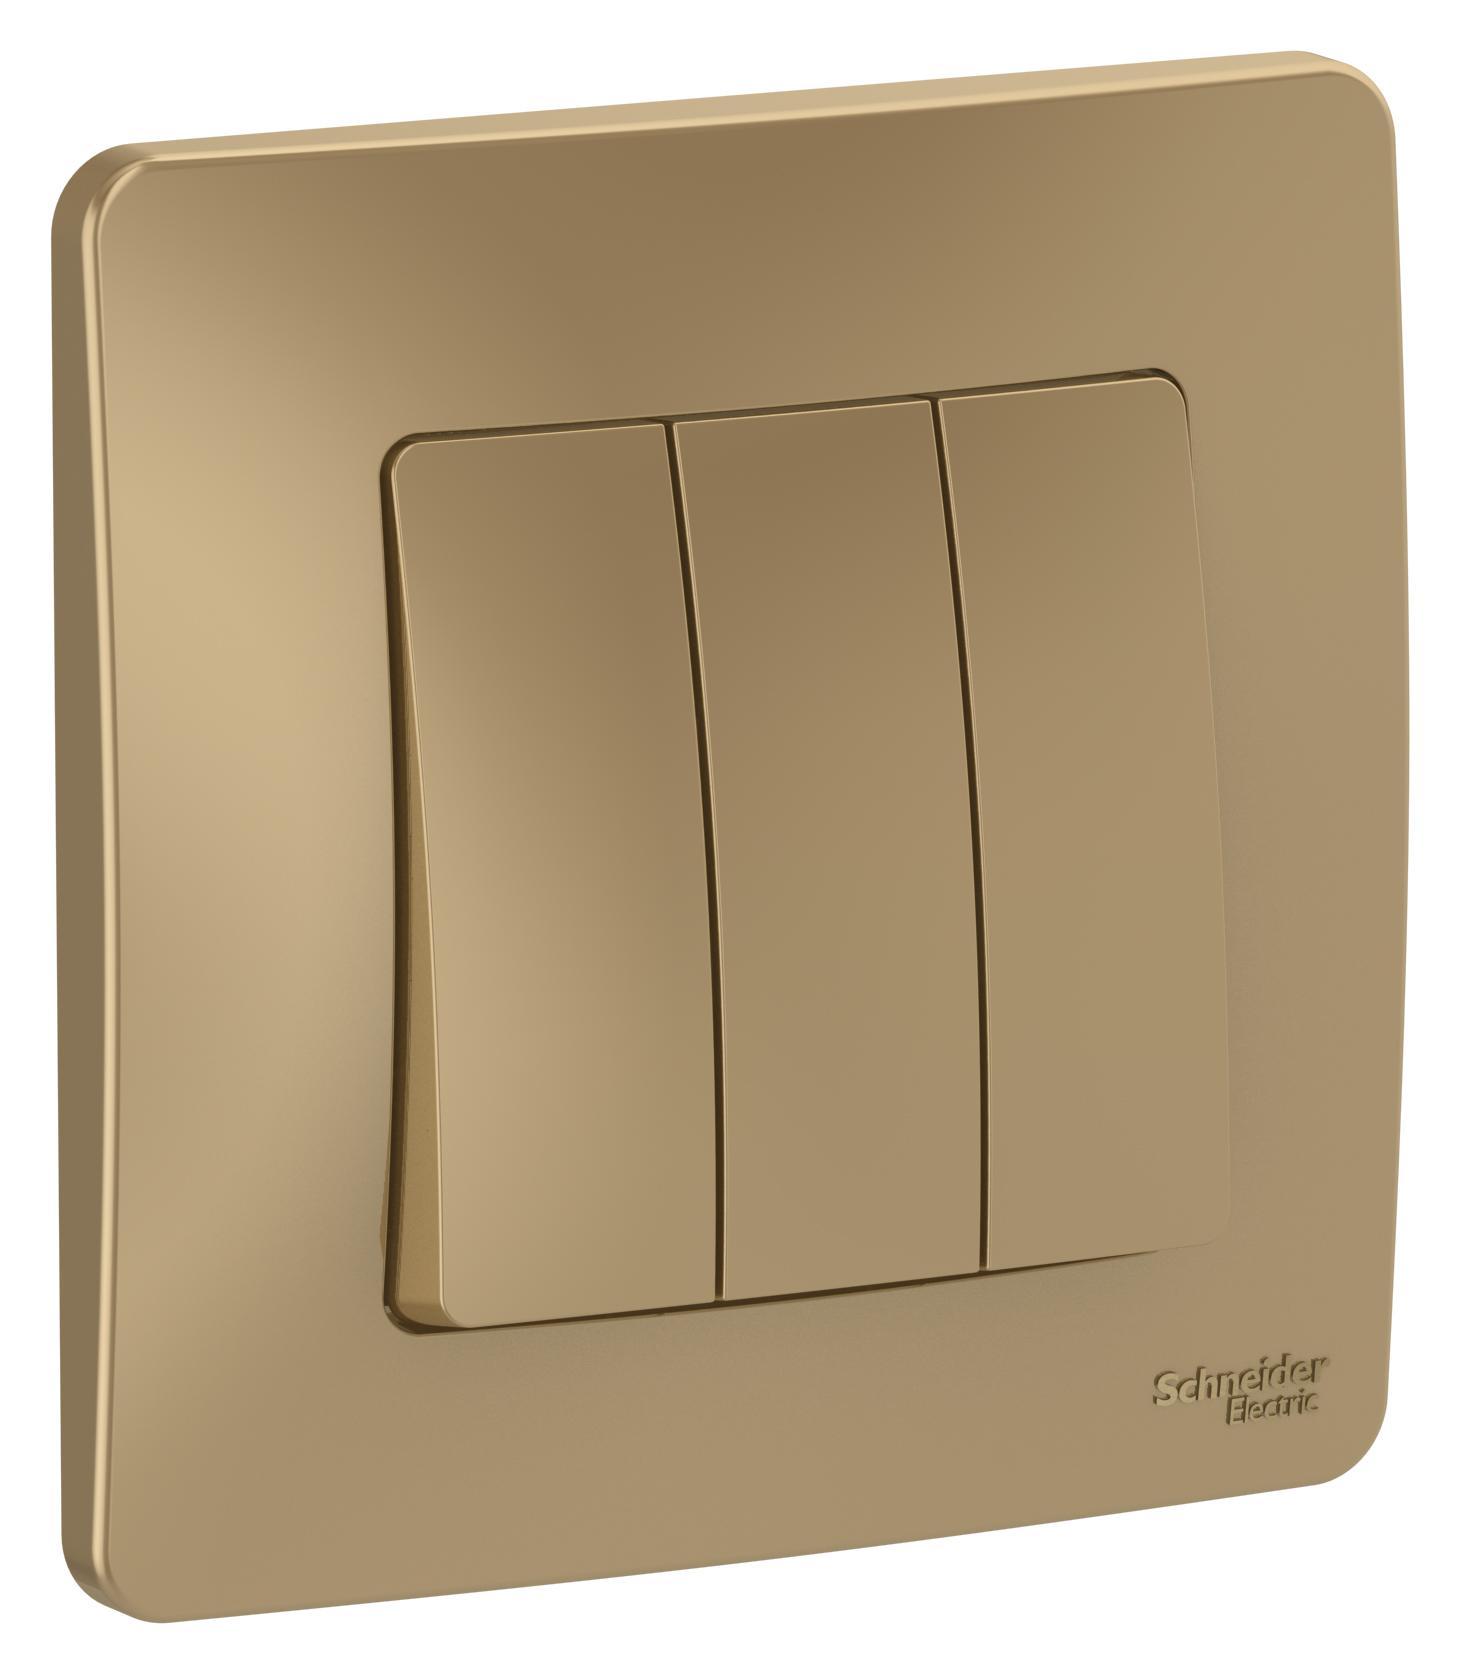 Выключатель Schneider electric Blnvs100504 blanca выключатель schneider electric blnva105014 blanca